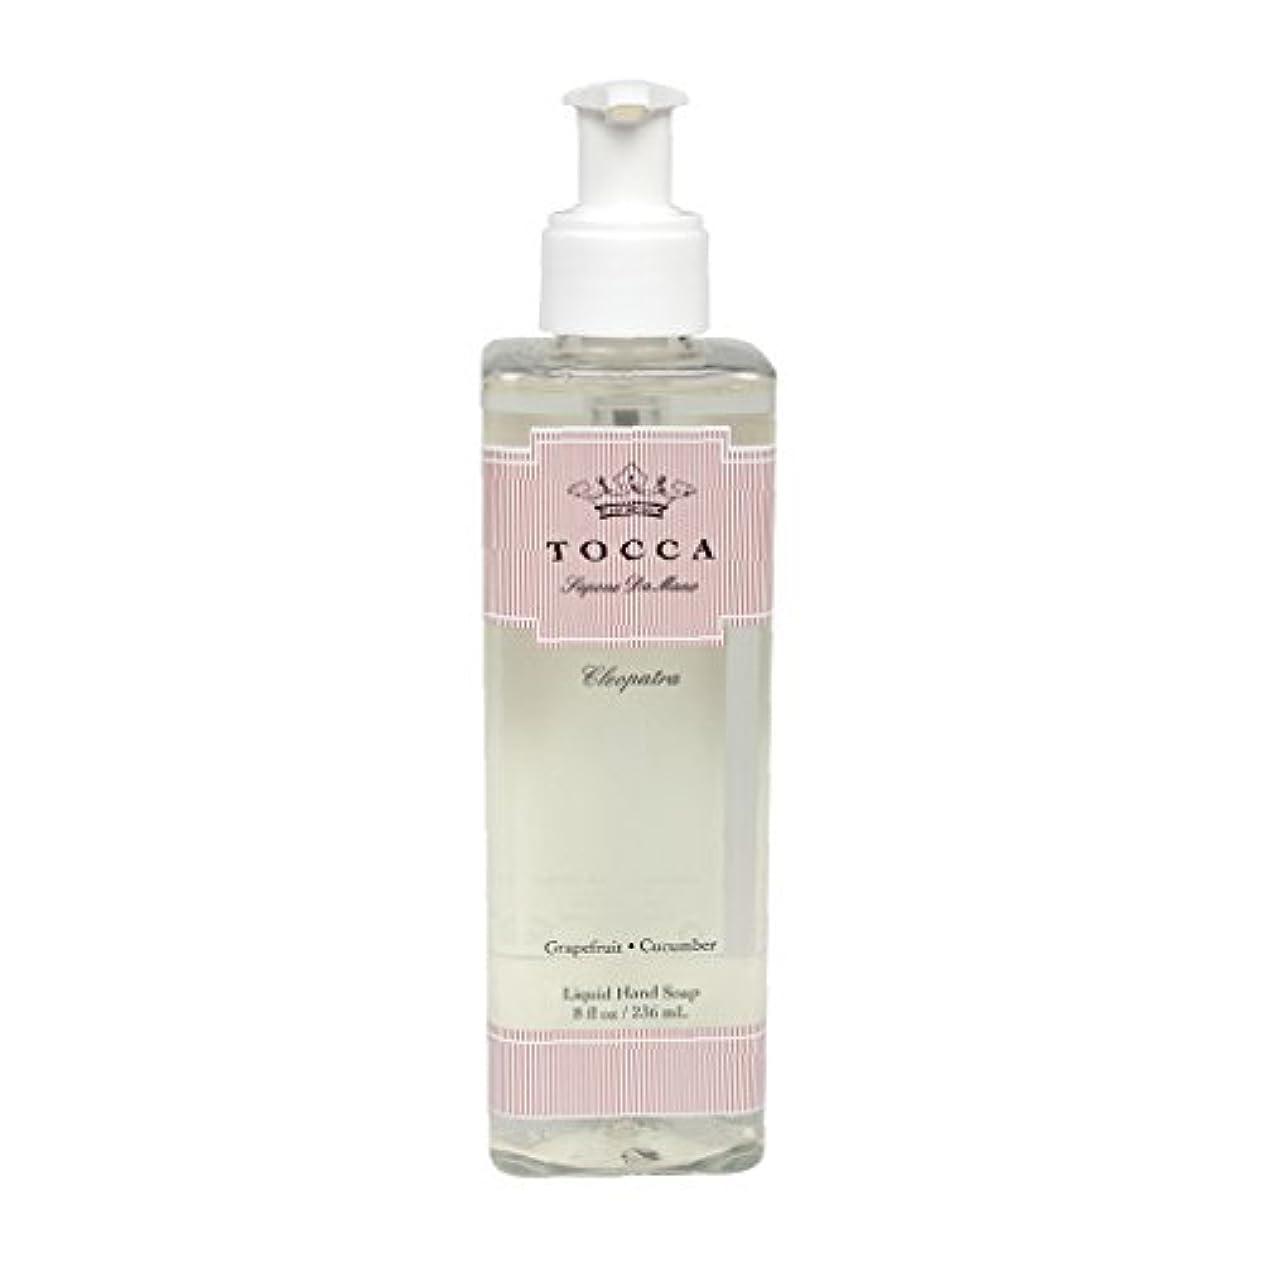 トロピカルシガレットアシストトッカ(TOCCA) ハンドソープ クレオパトラの香り 236ml(手洗用 ポンプタイプ グレープフルーツとキューカンバーのフレッシュでクリーンな香り)